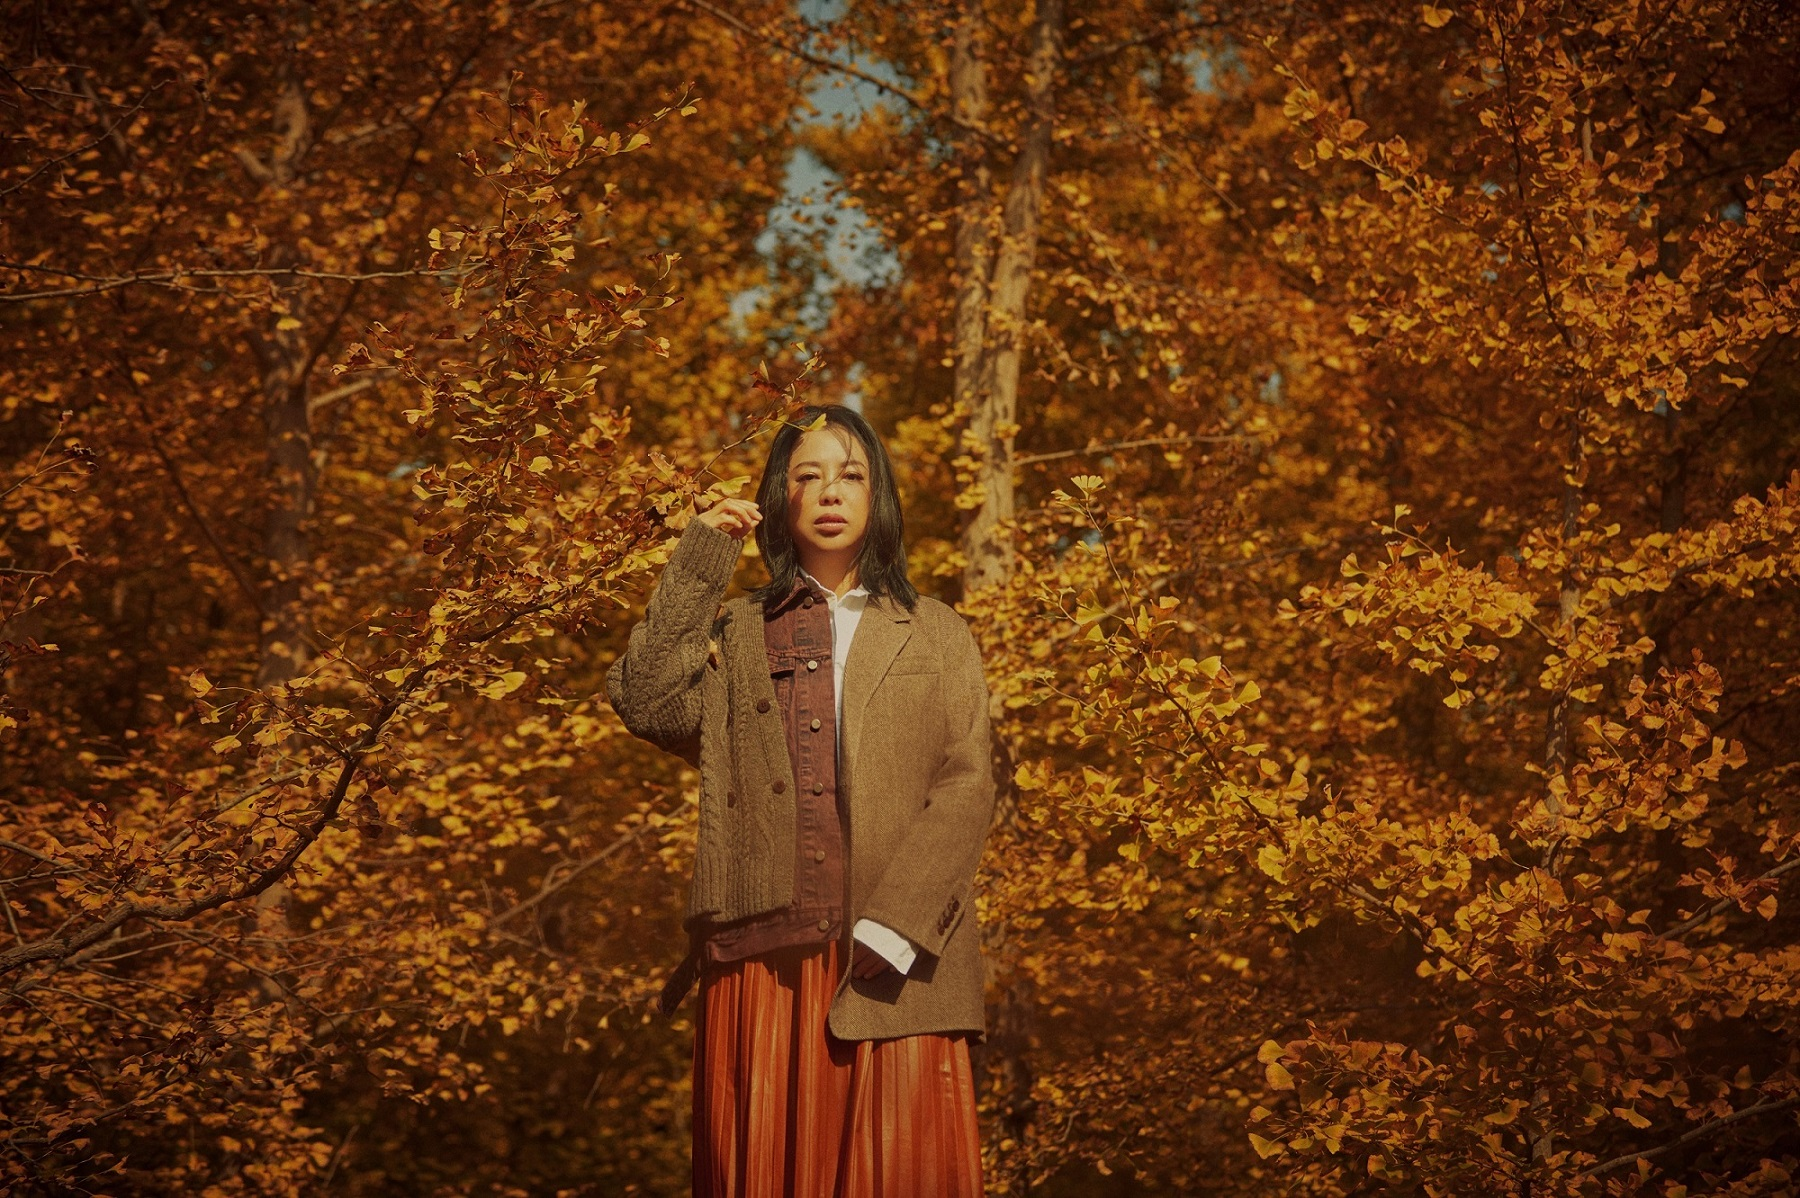 黄绮珊2019自选辑先导EP《出走》正式上线 温暖歌声唤醒追梦勇气